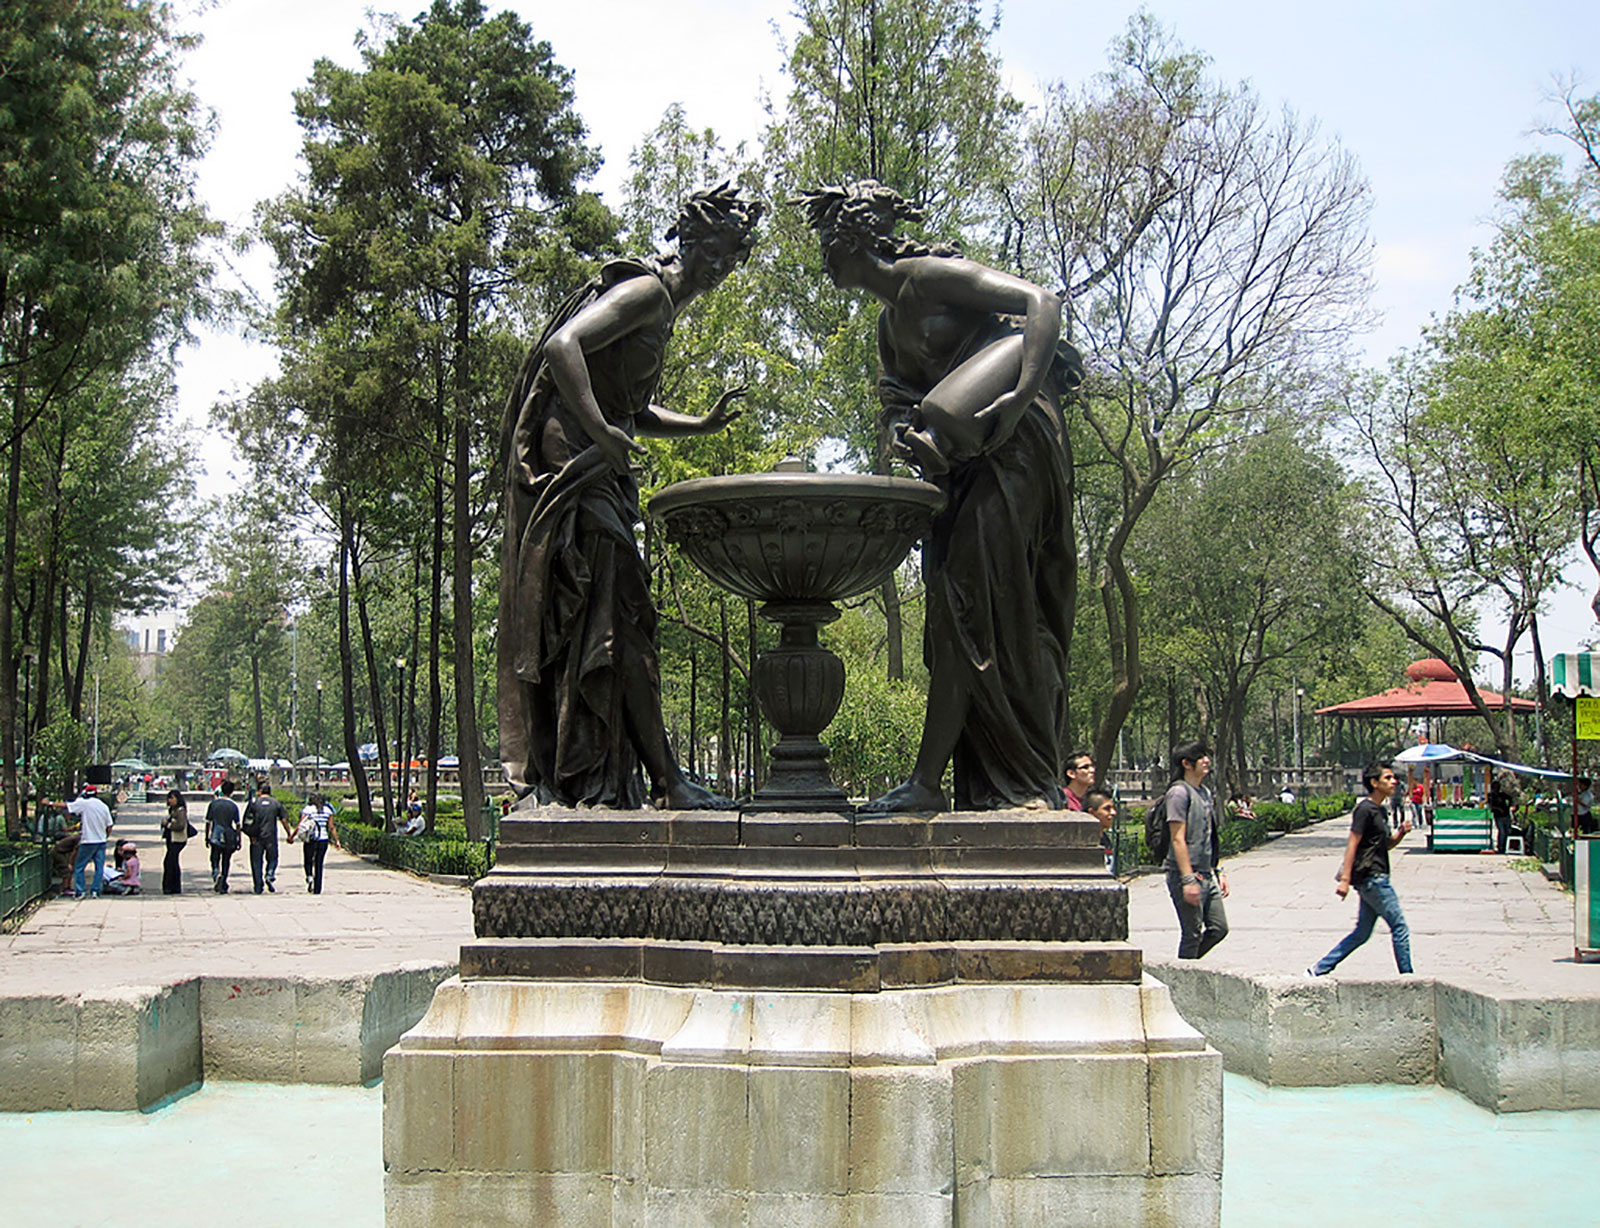 Alameda Park, courtesy of Flickr.